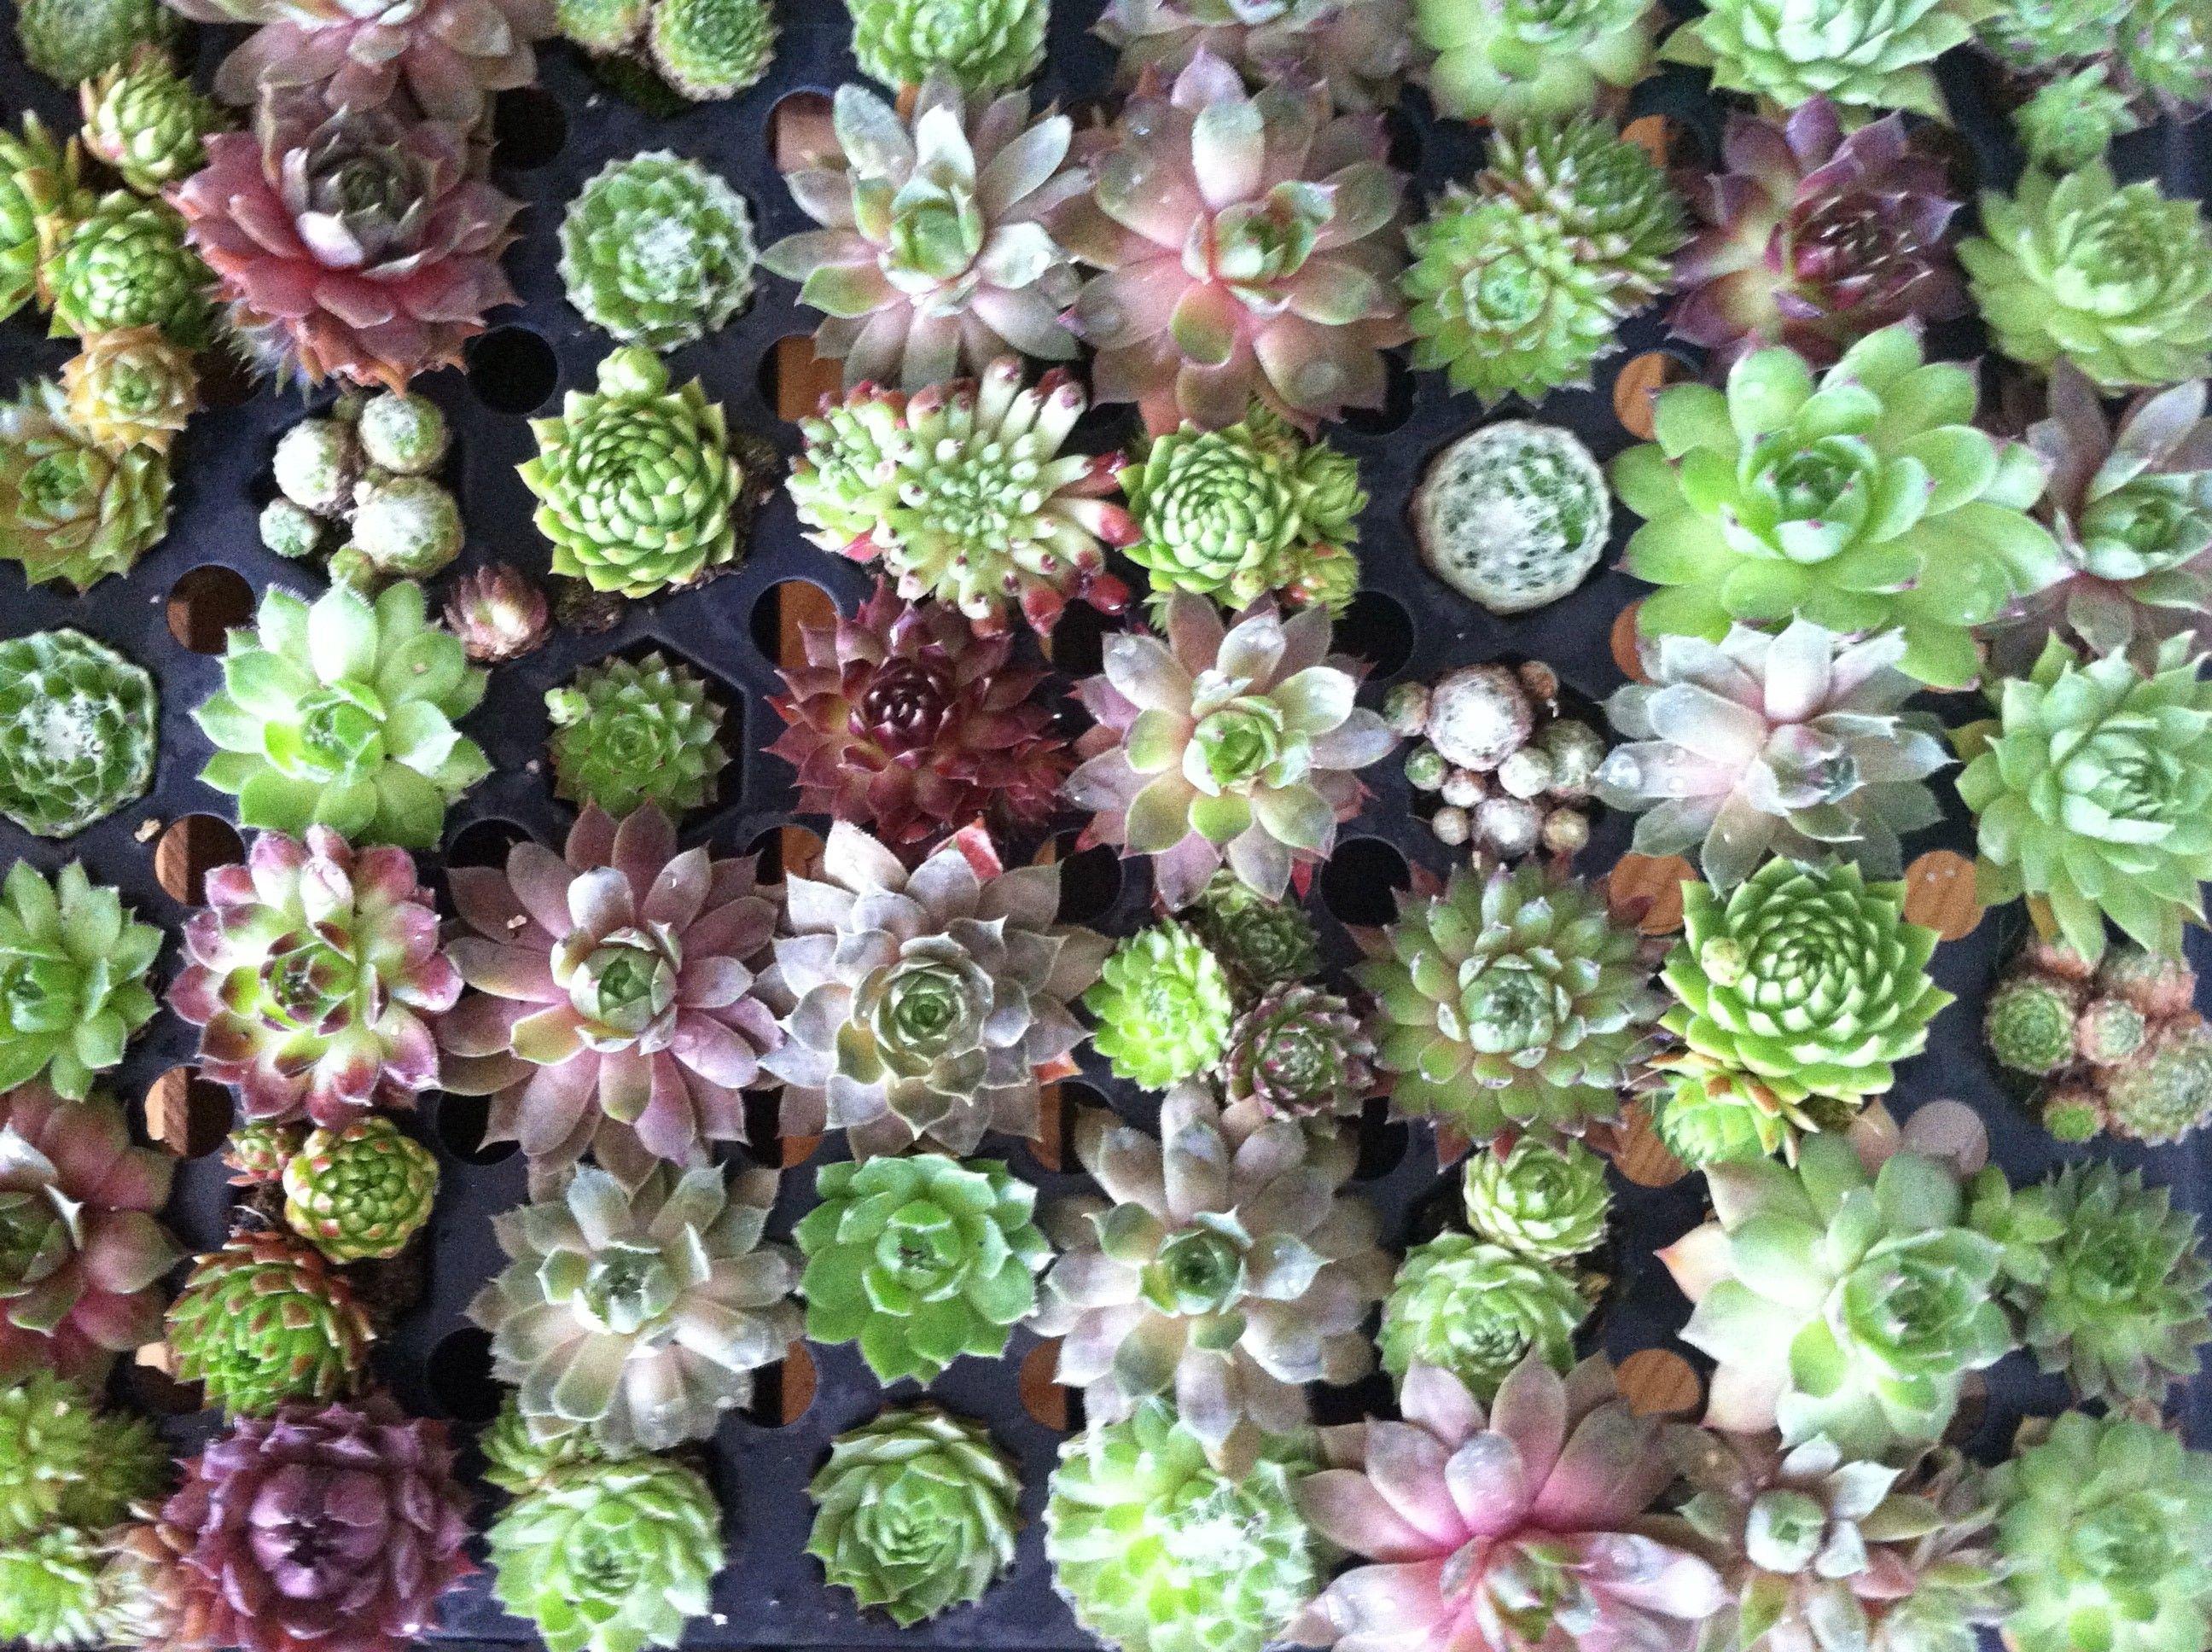 Succulent wallpaper Мятный фон, Суккуленты, Бирюзовый фон